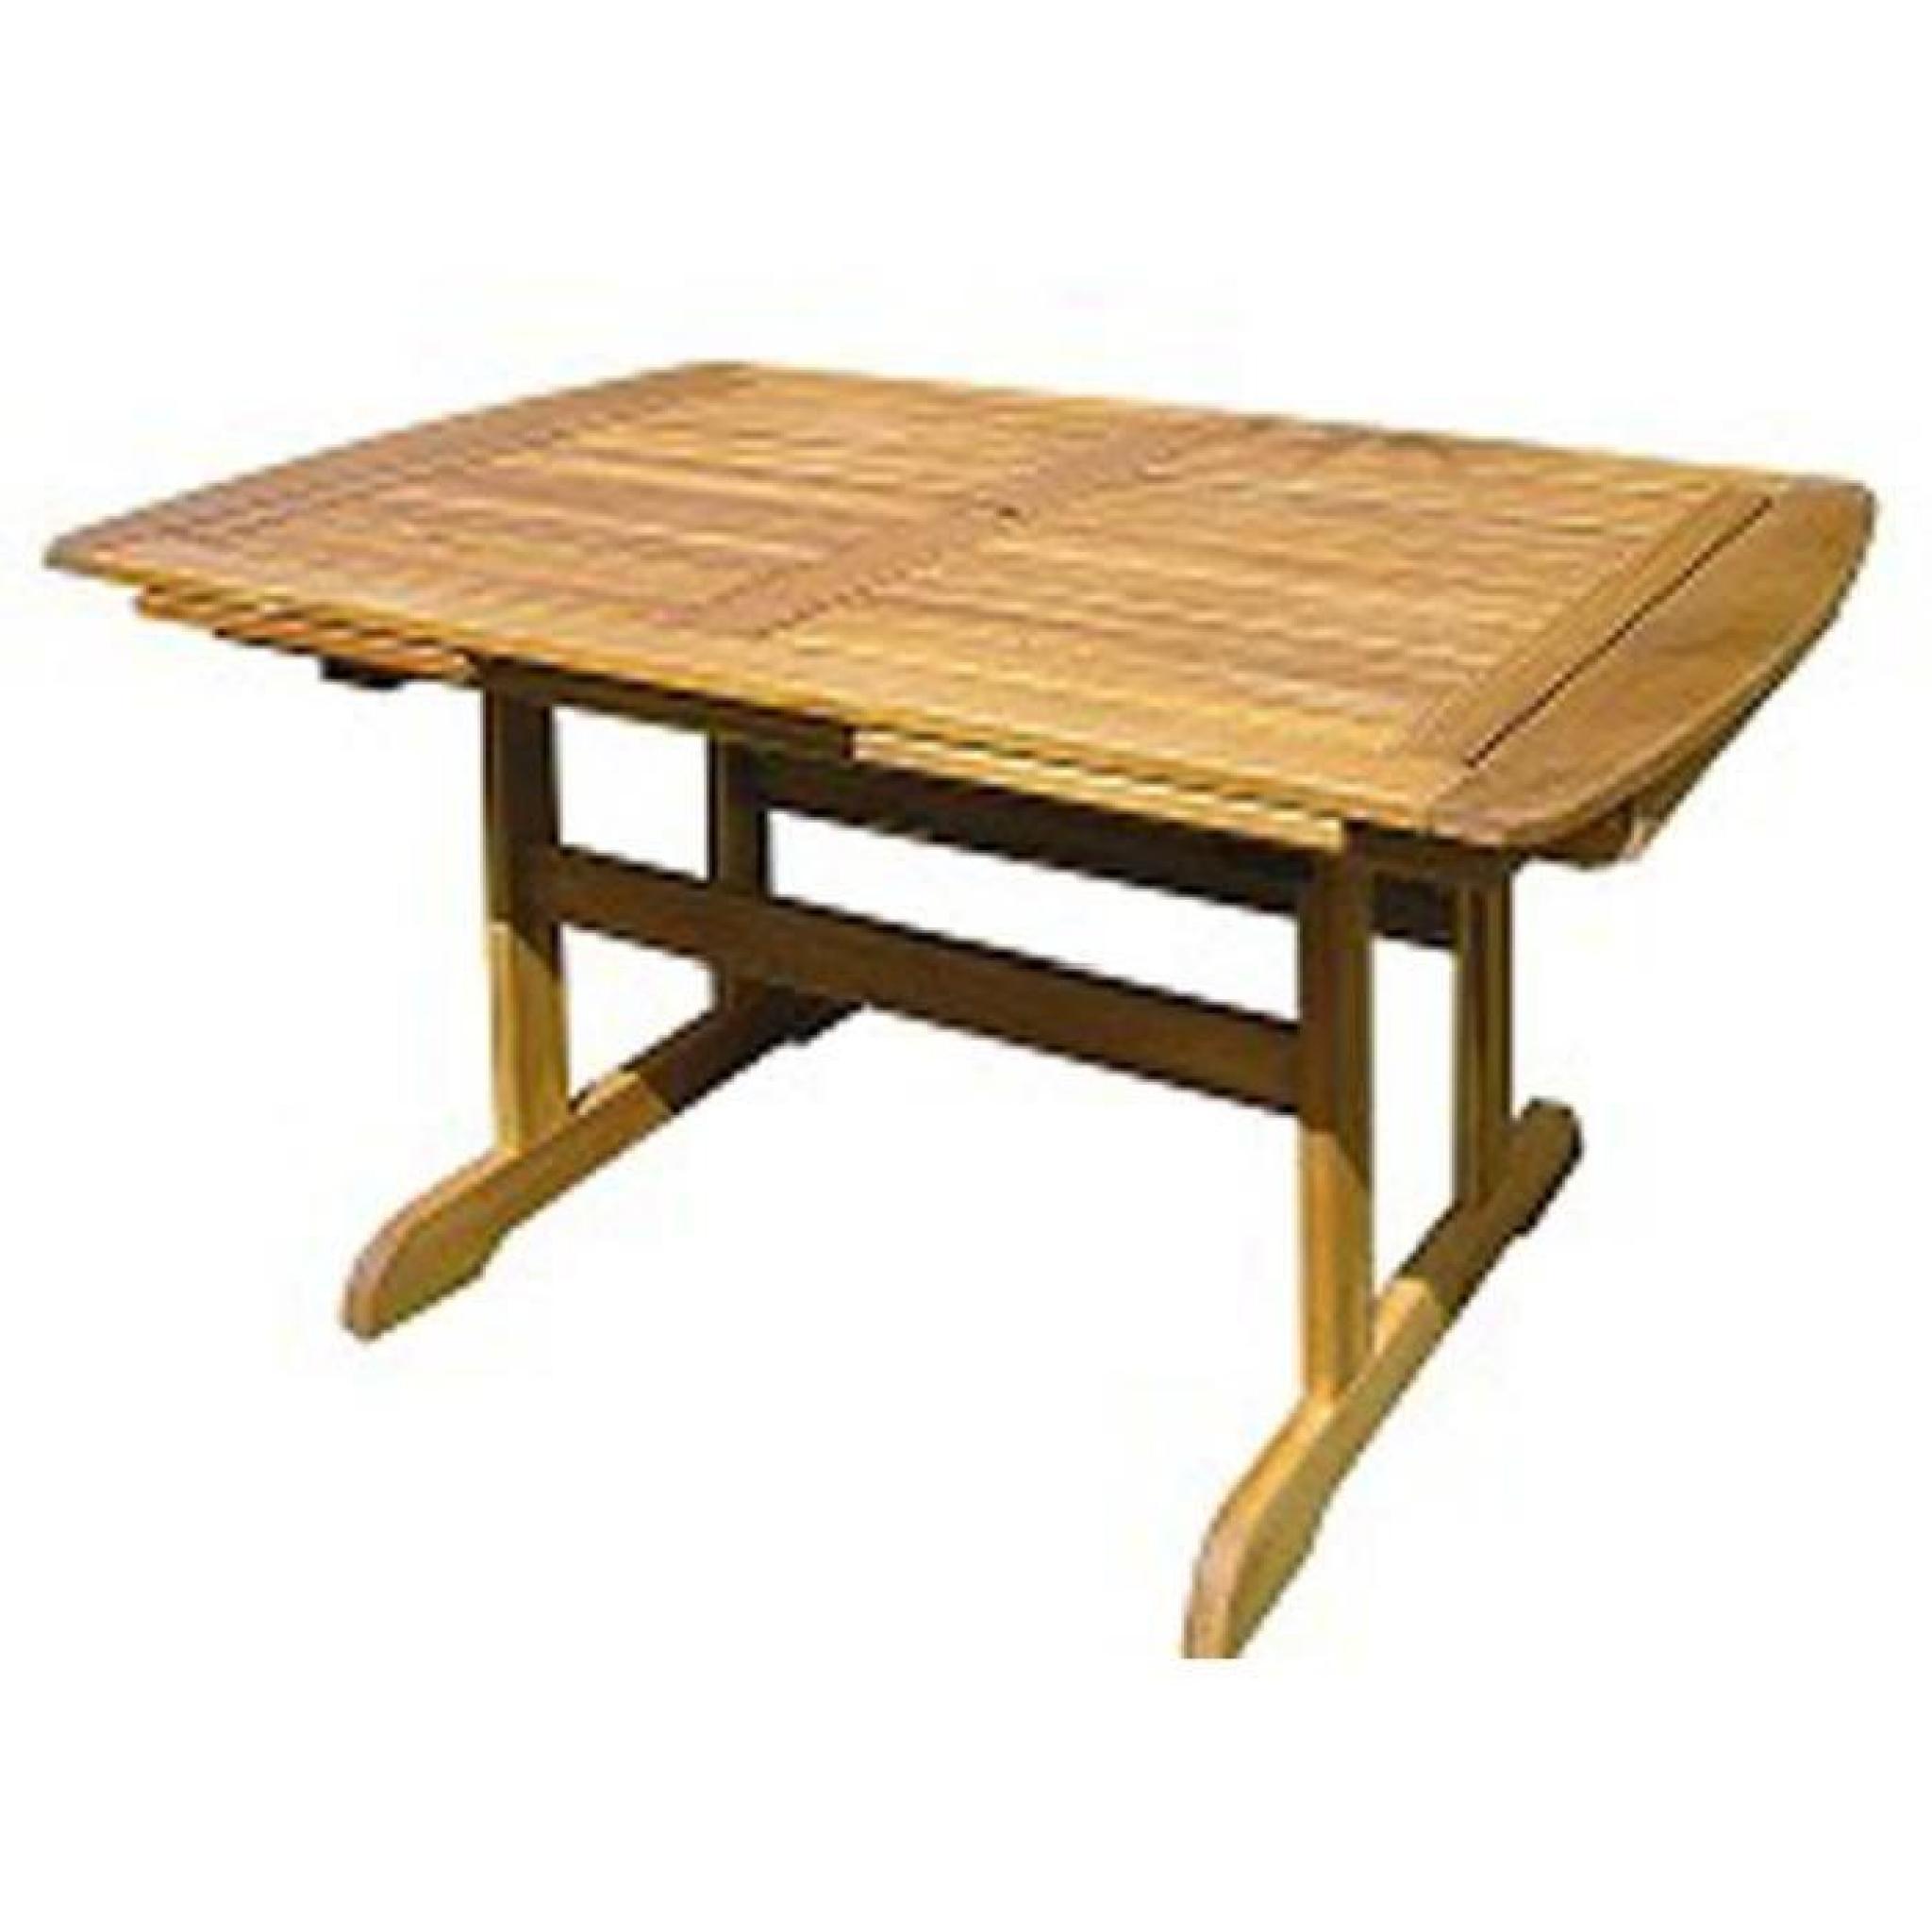 Lot 2 Tables Rectangulaires Extensibles En Bois D'acacia Taylor tout Table De Jardin Extensible Pas Cher